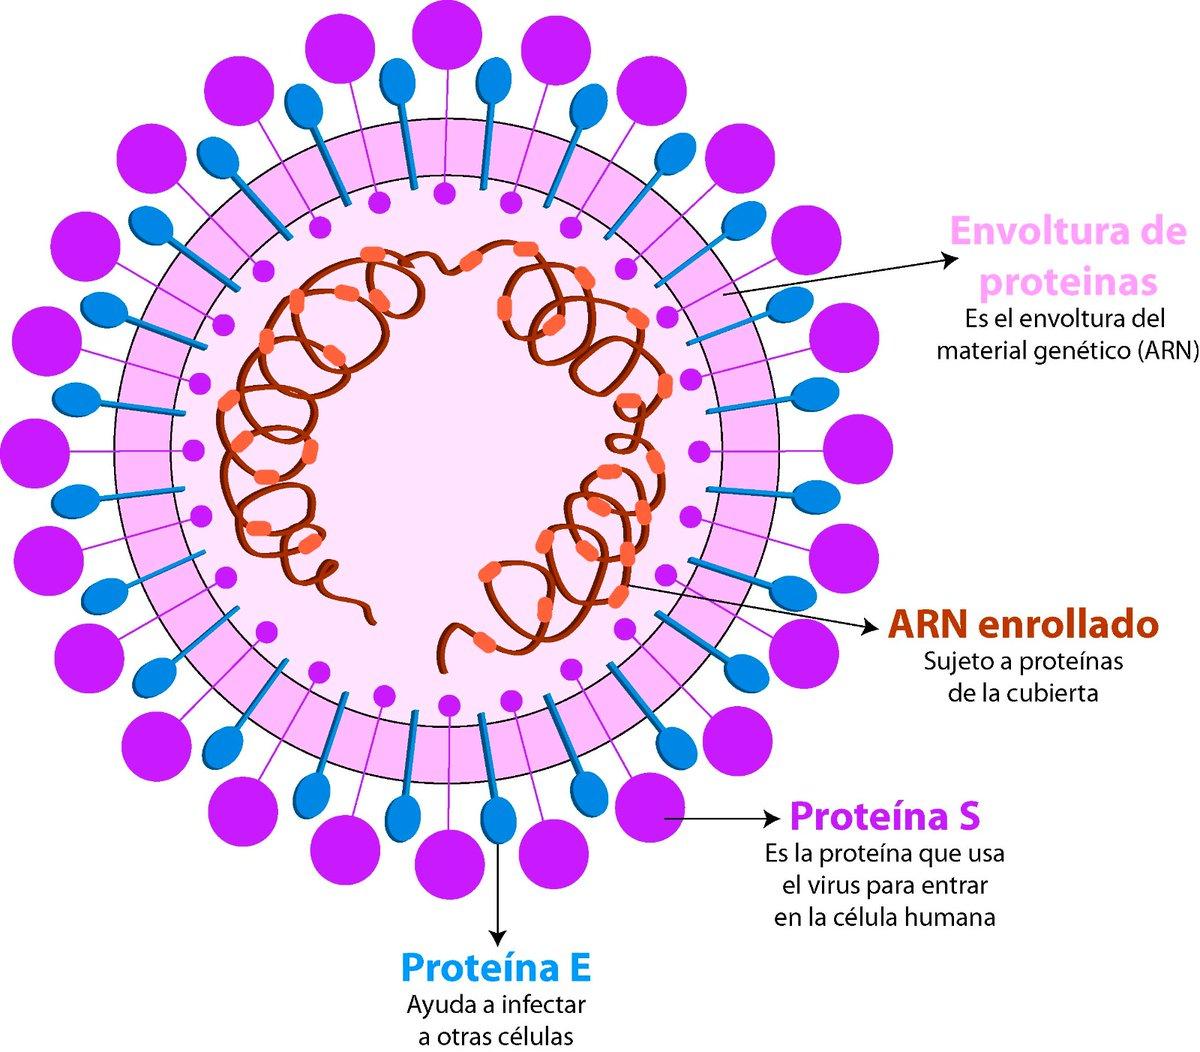 los virus tienen proteinas en su estructura